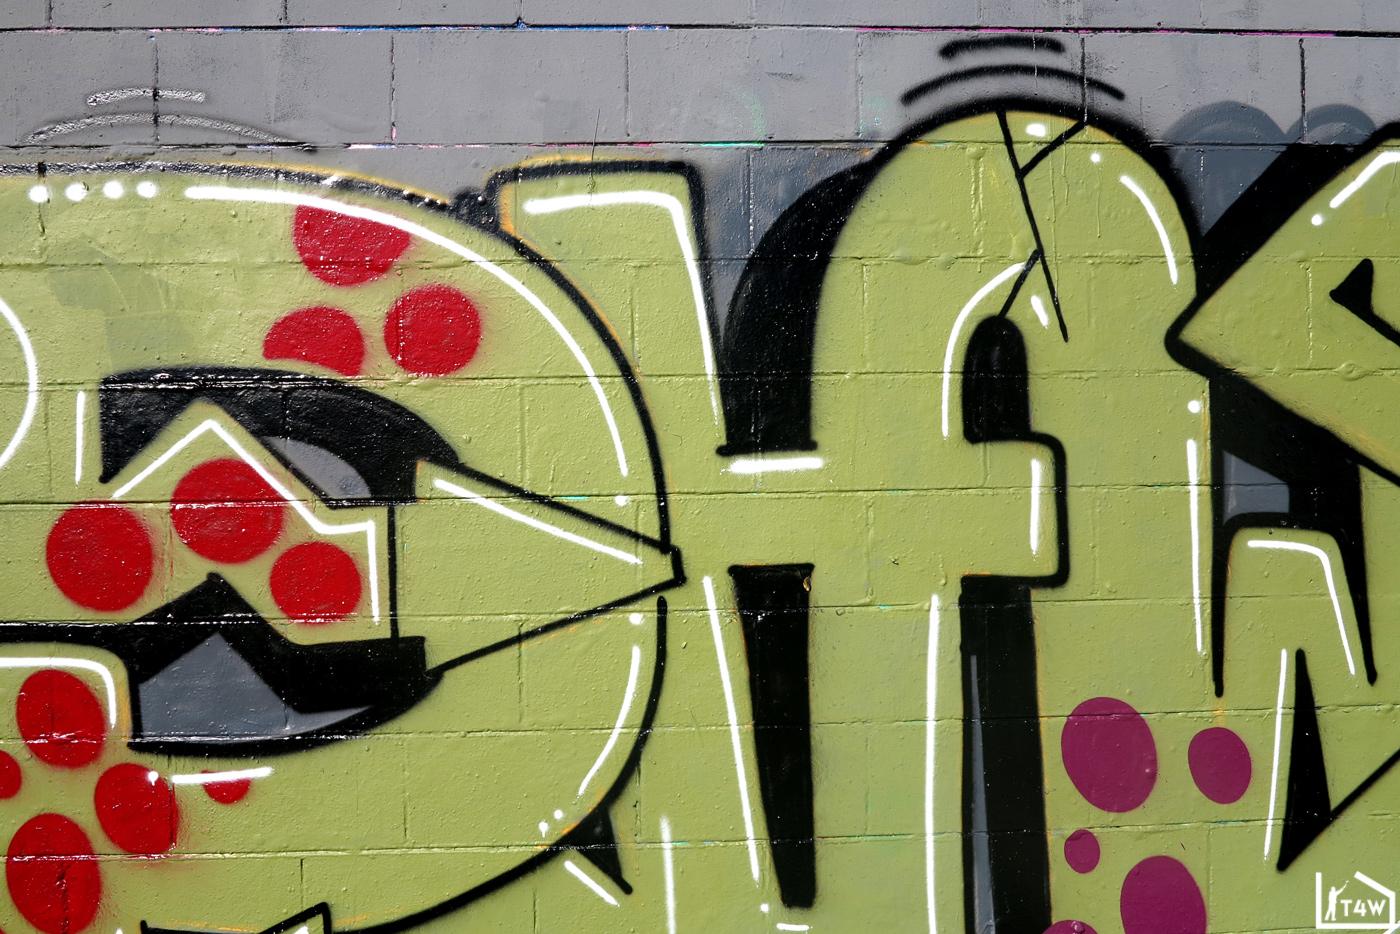 the-fourth-walls-melbourne-graffiti-sauce-pawk-preston4